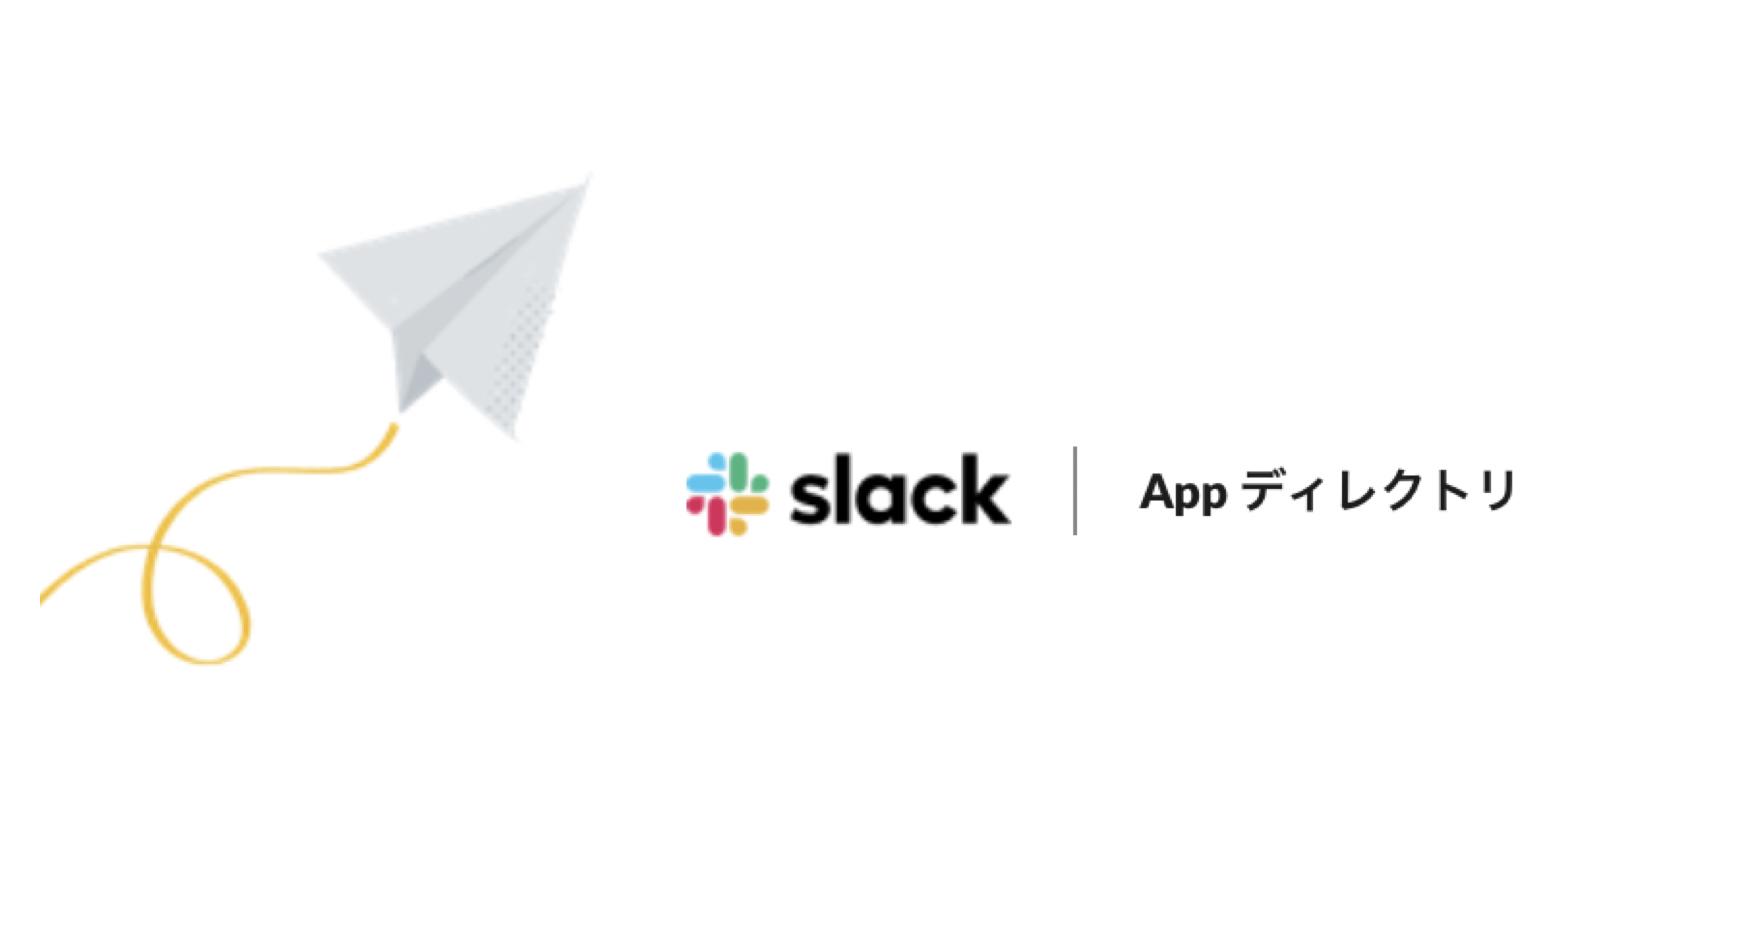 Slack(スラック)のインテグレーションで便利なアプリをまとめて紹介!